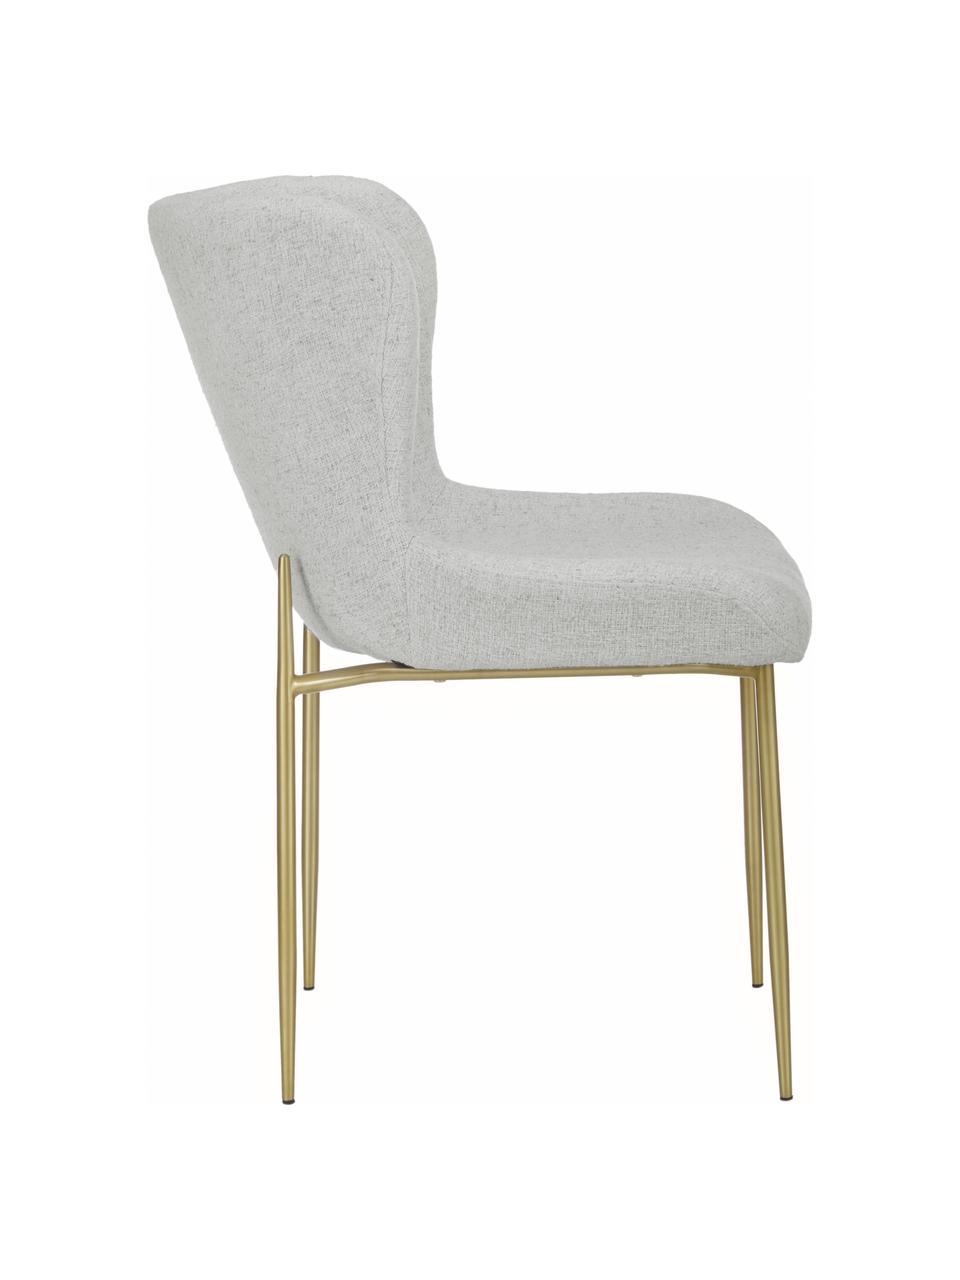 Krzesło tapicerowane bouclé Tess, Tapicerka: 70% poliester, 20% wiskoz, Nogi: metal malowany proszkowo, Jasny szary, złoty, S 49 x W 84 cm